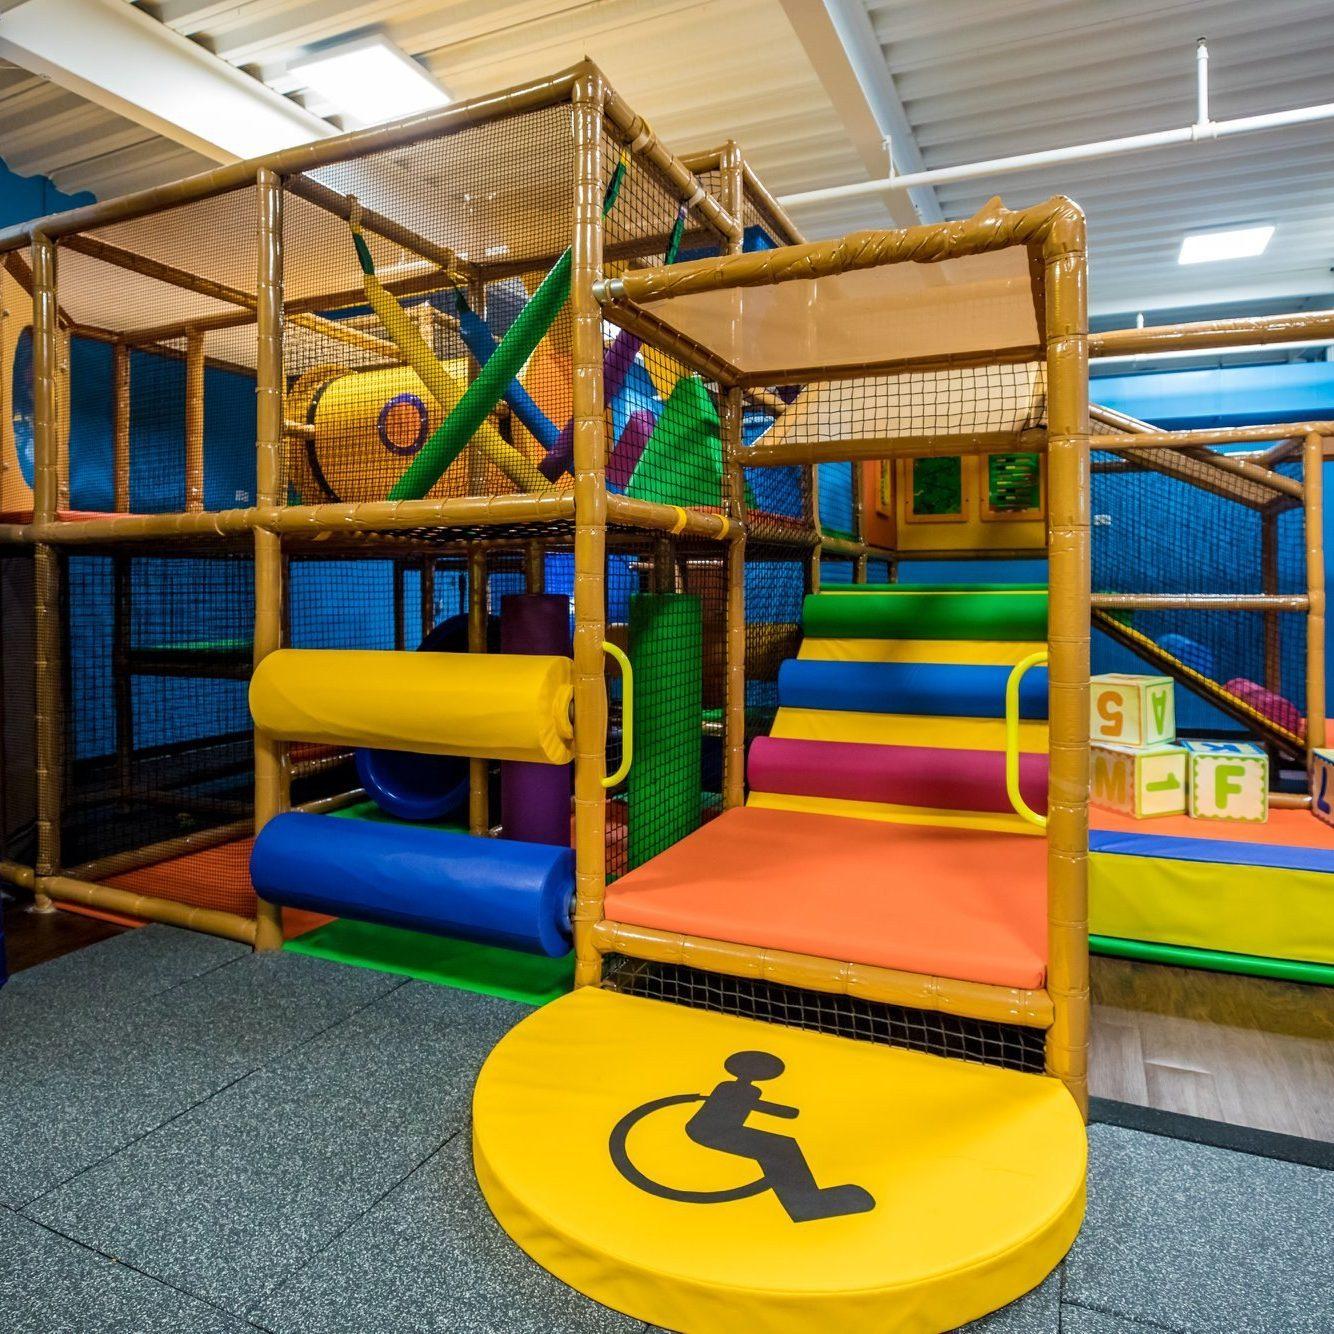 Gold's Gym indoor playground